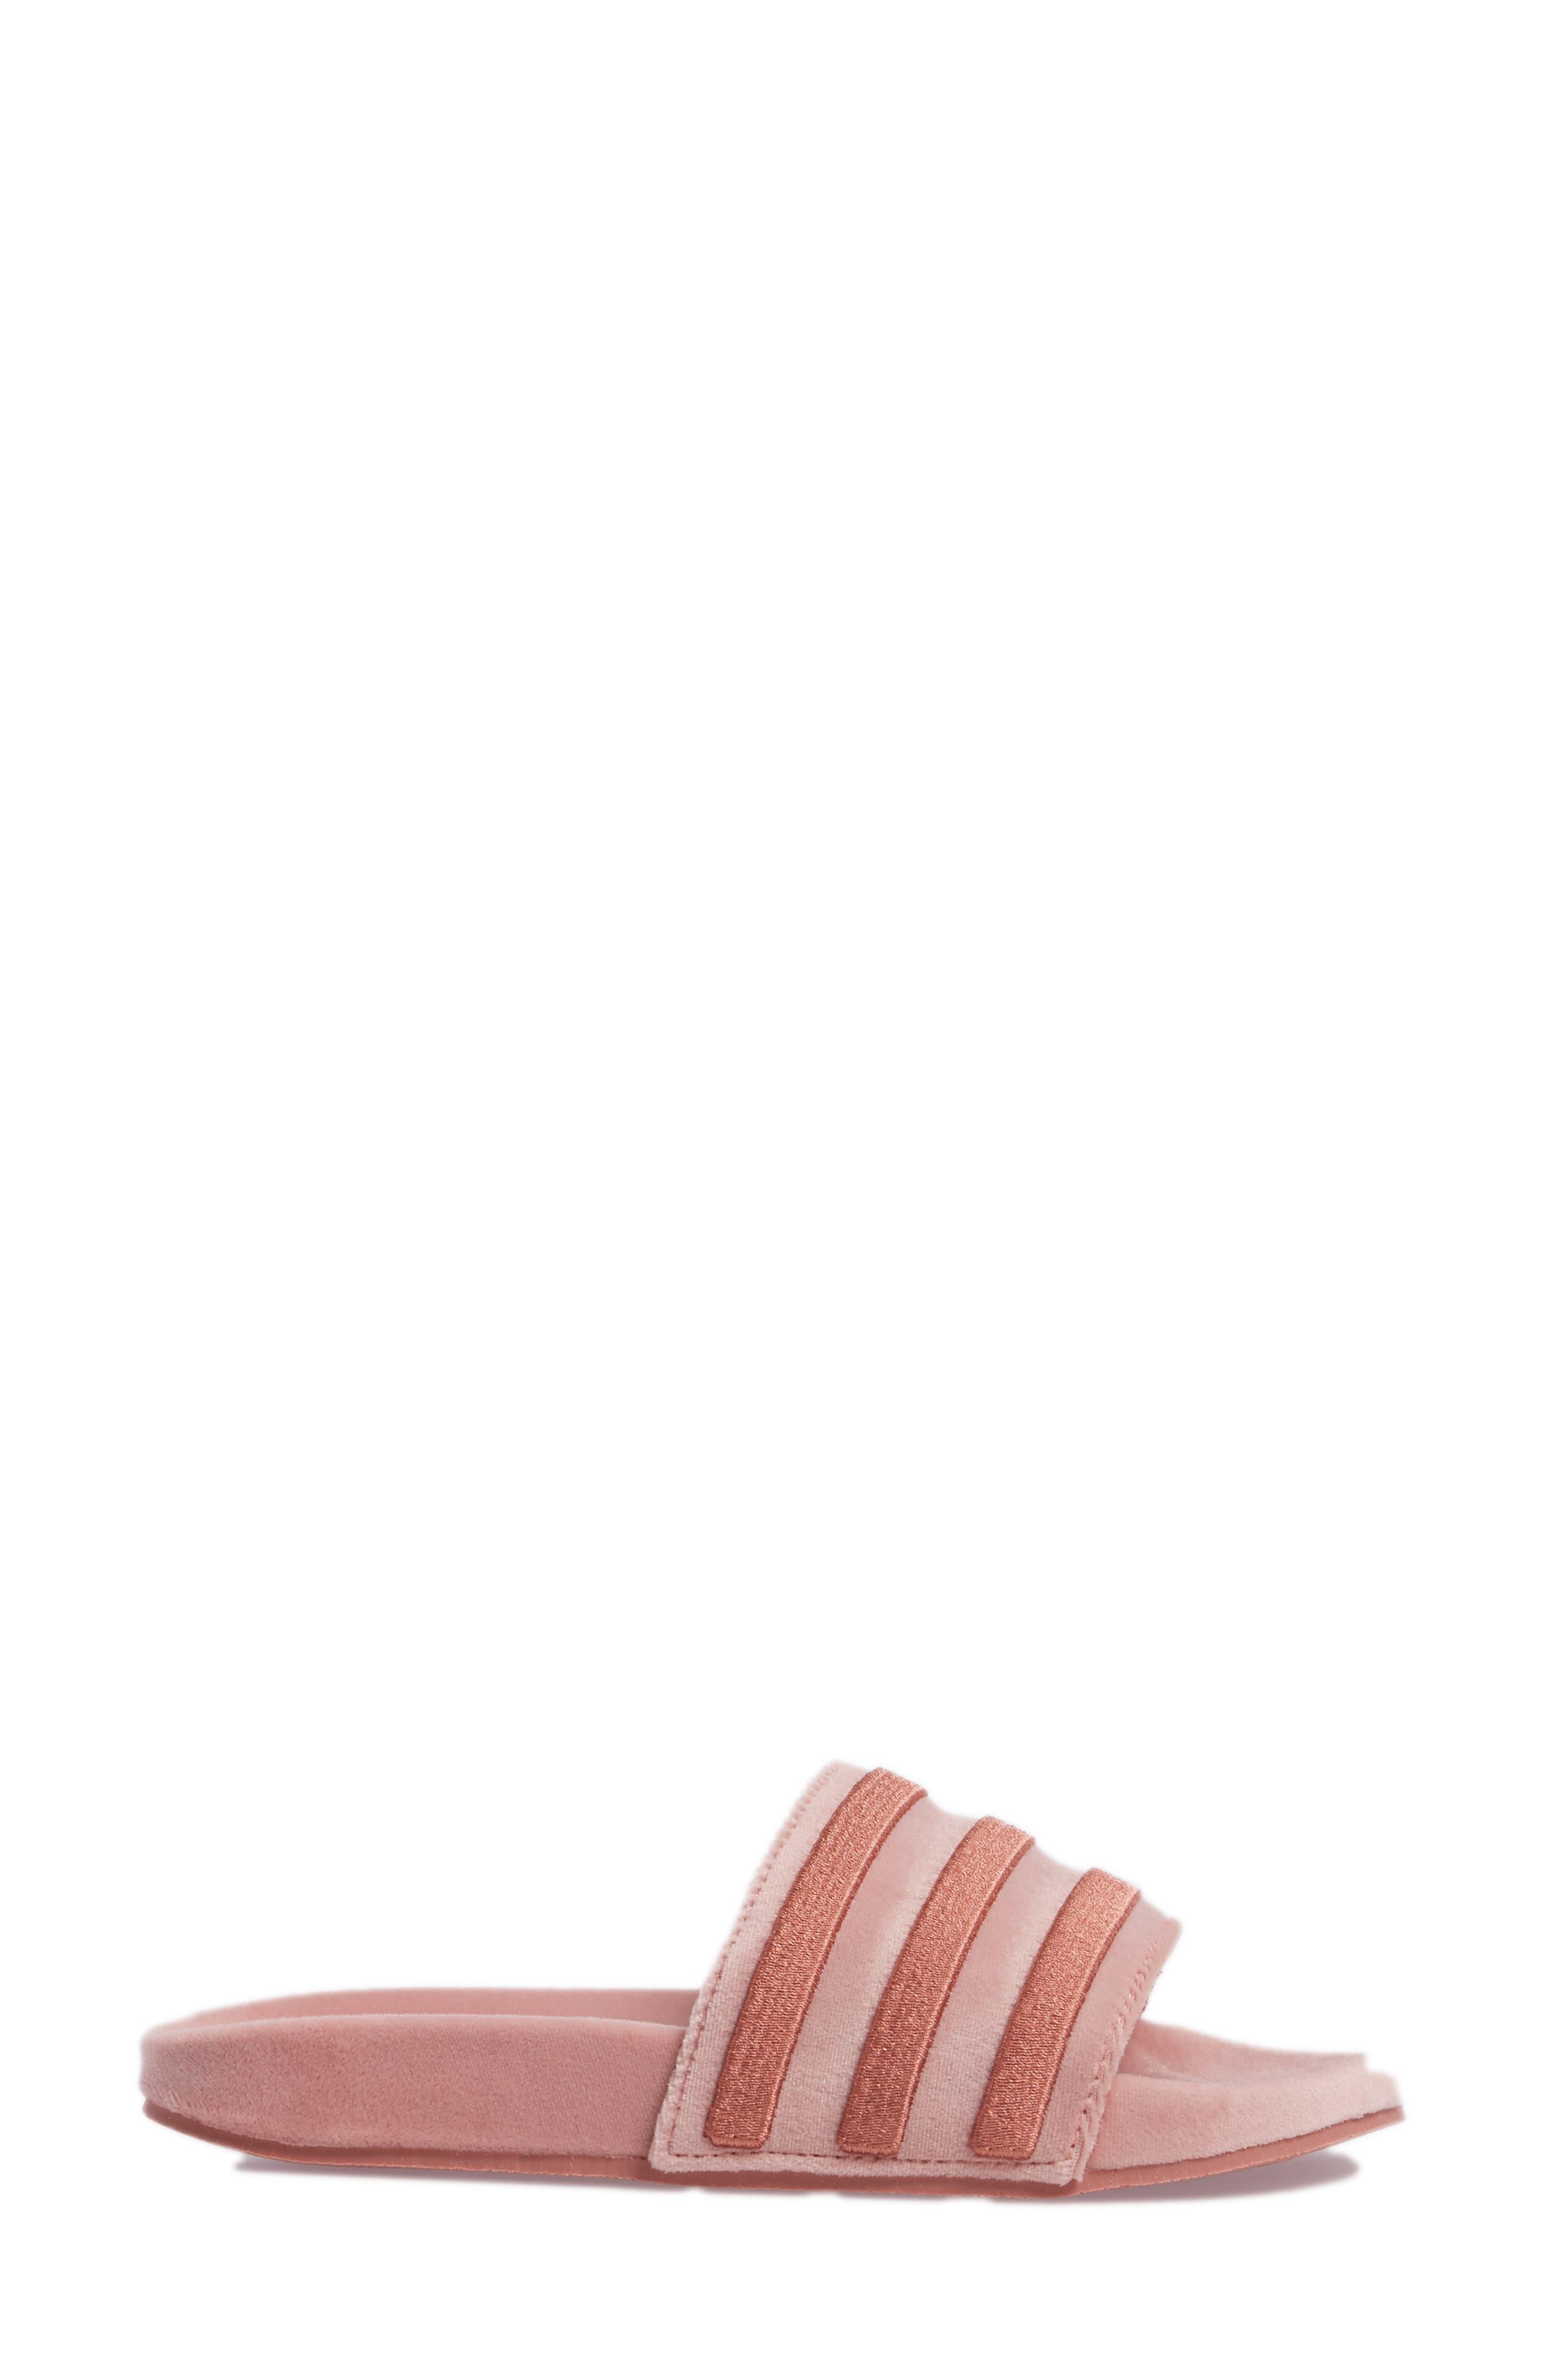 Alternate Image 3  - adidas 'Adilette' Slide Sandal (Women)